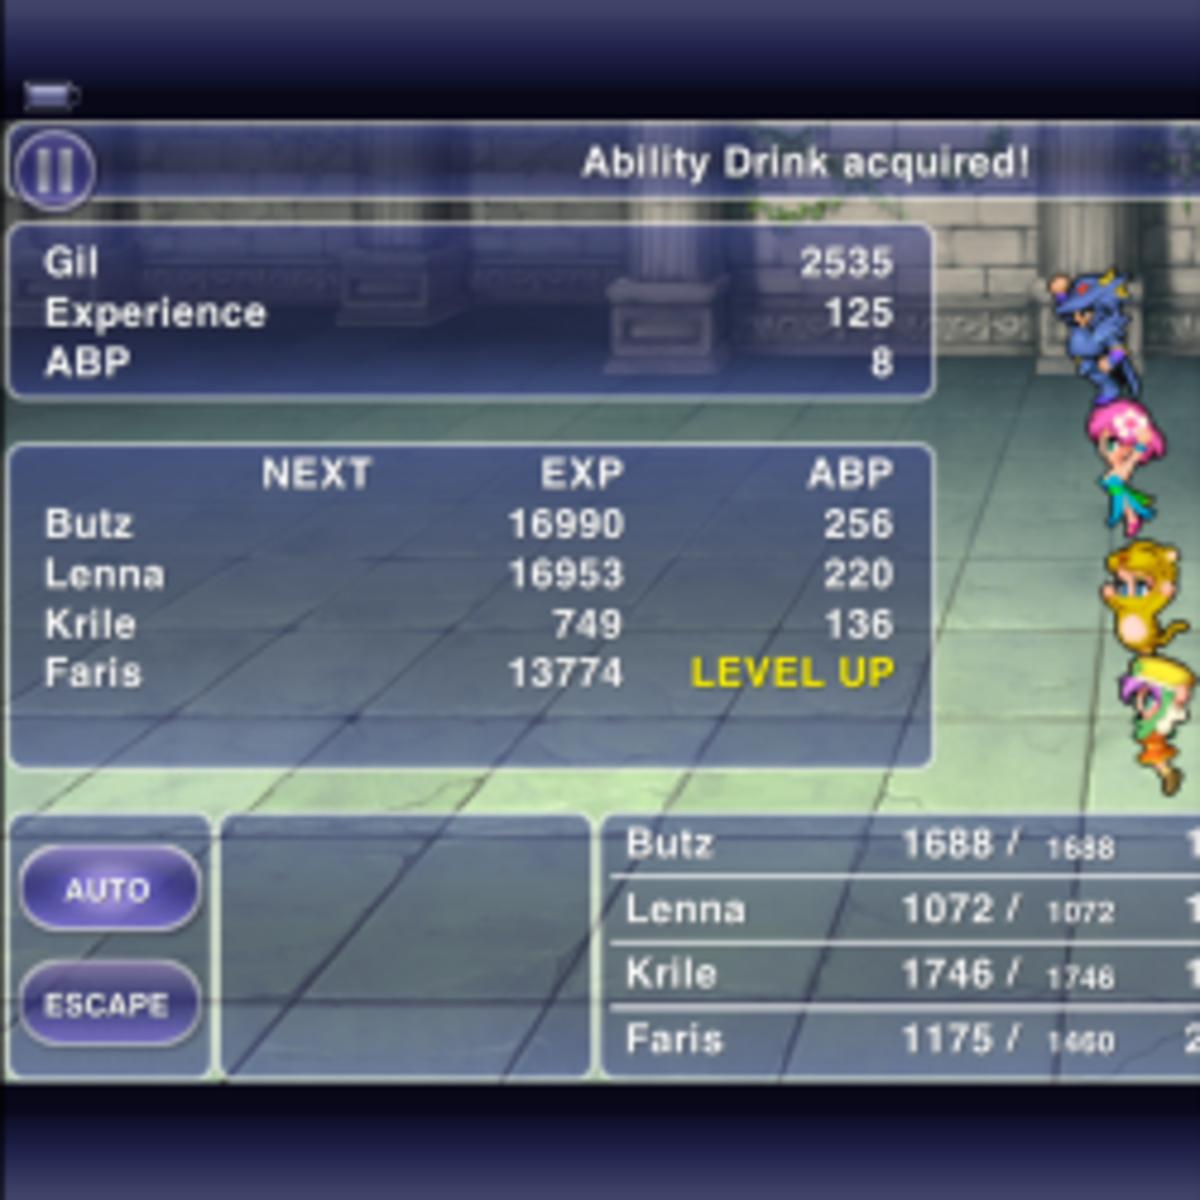 Final Fantasy V Abp Grinding Spots Levelskip